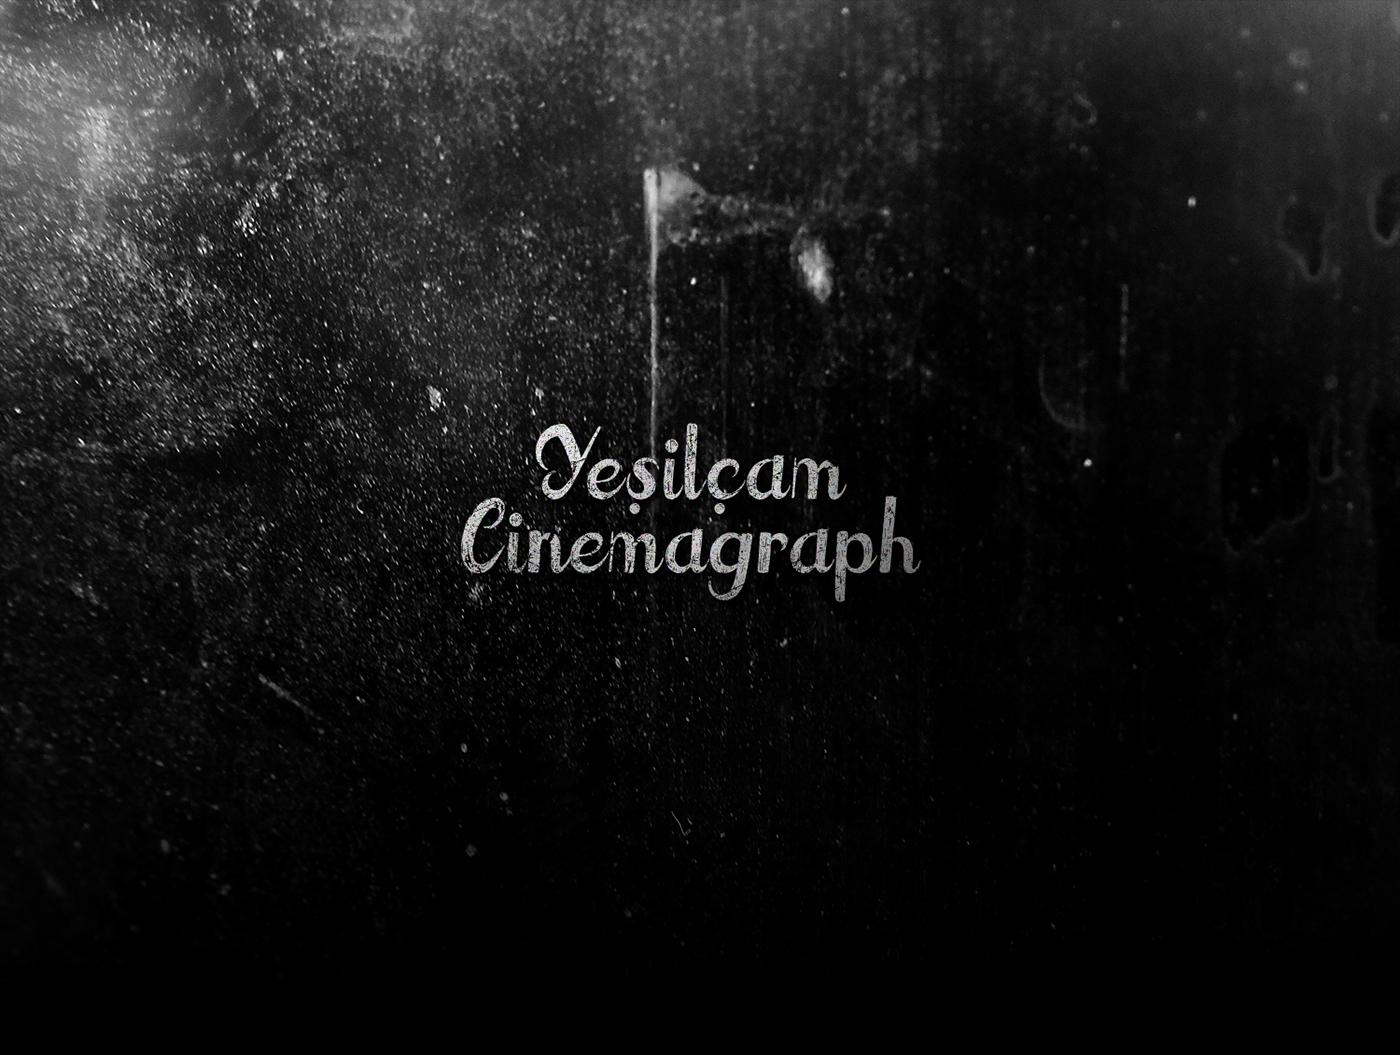 yeşilçam cinemagraph sinemagraf gif arzufilm hababam sinifi kemal sunal çiçek abbas badi ekrem Cinema art mehmet demirel şebnem kuş